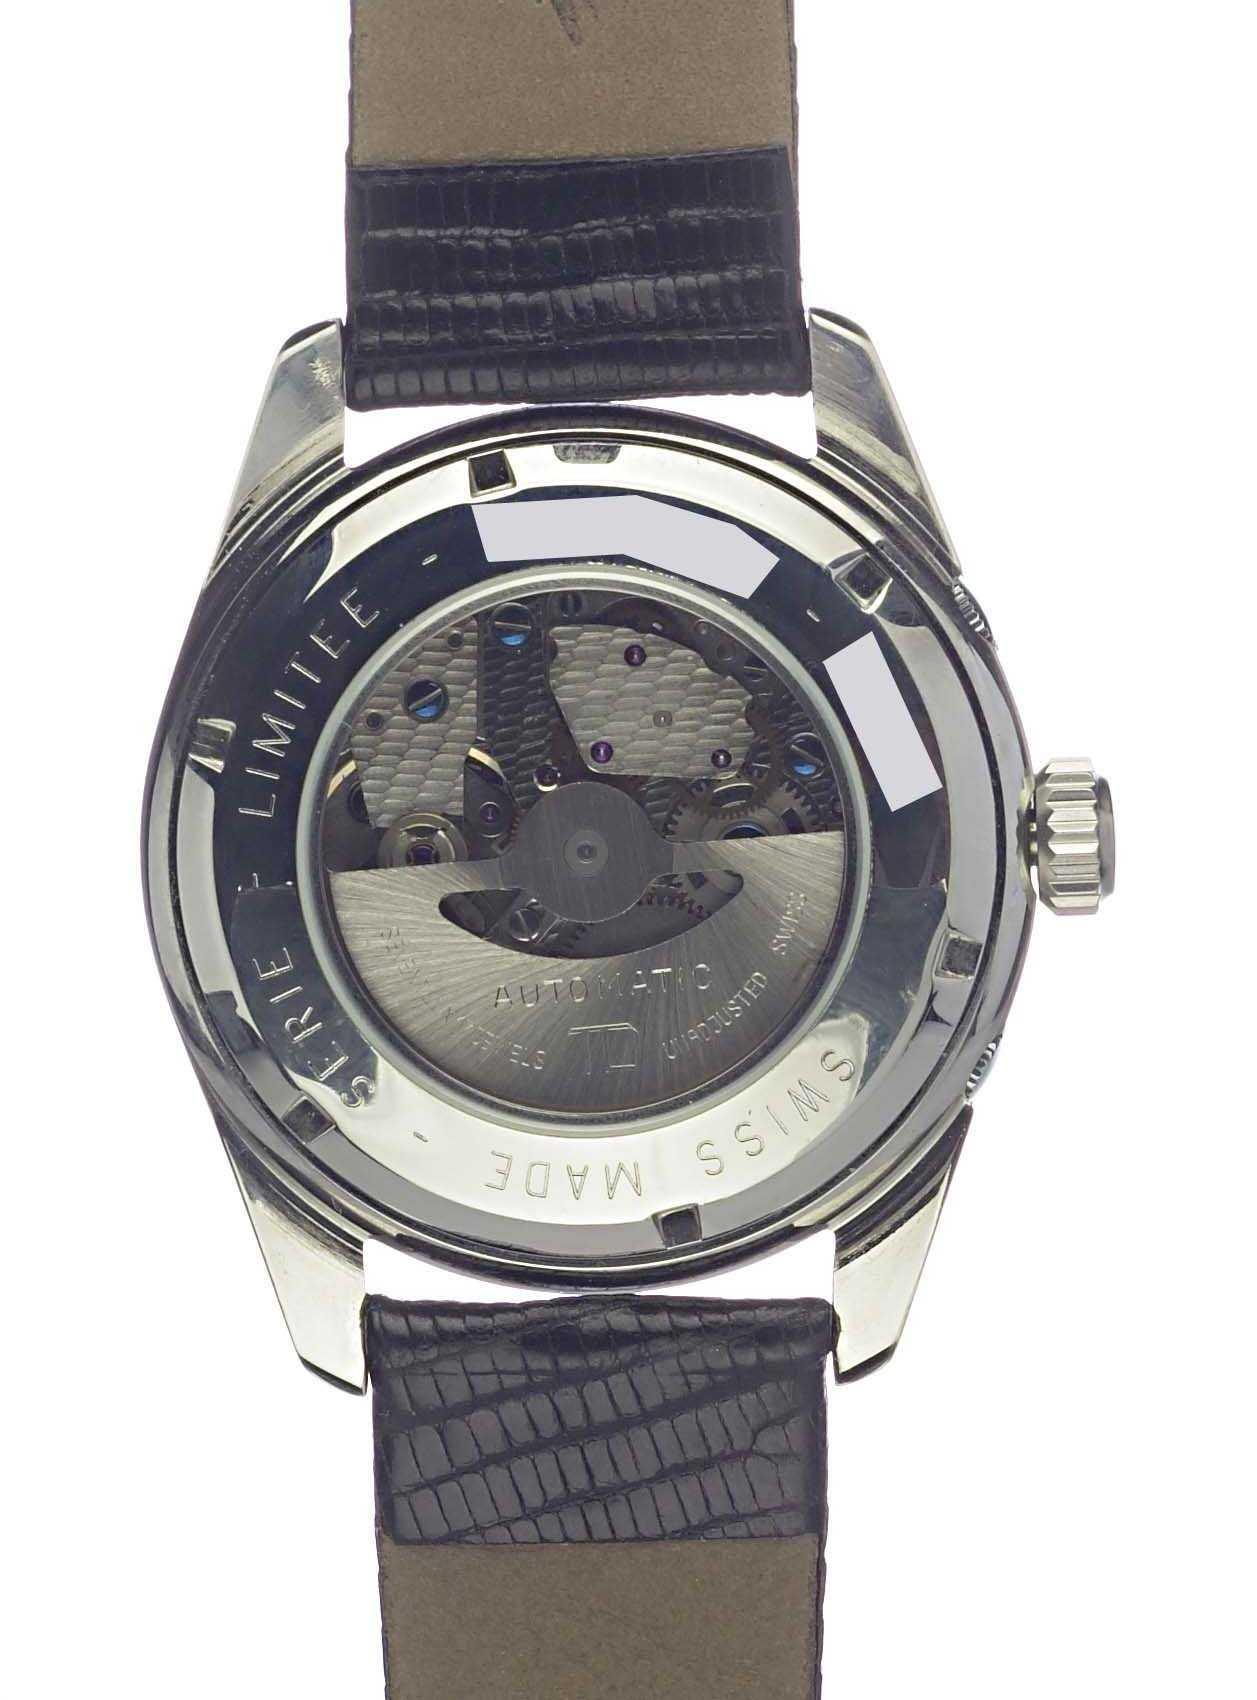 TENOR DORLY (Edition limitée Heure Sautante - 30 Exemplaires), vers 2000